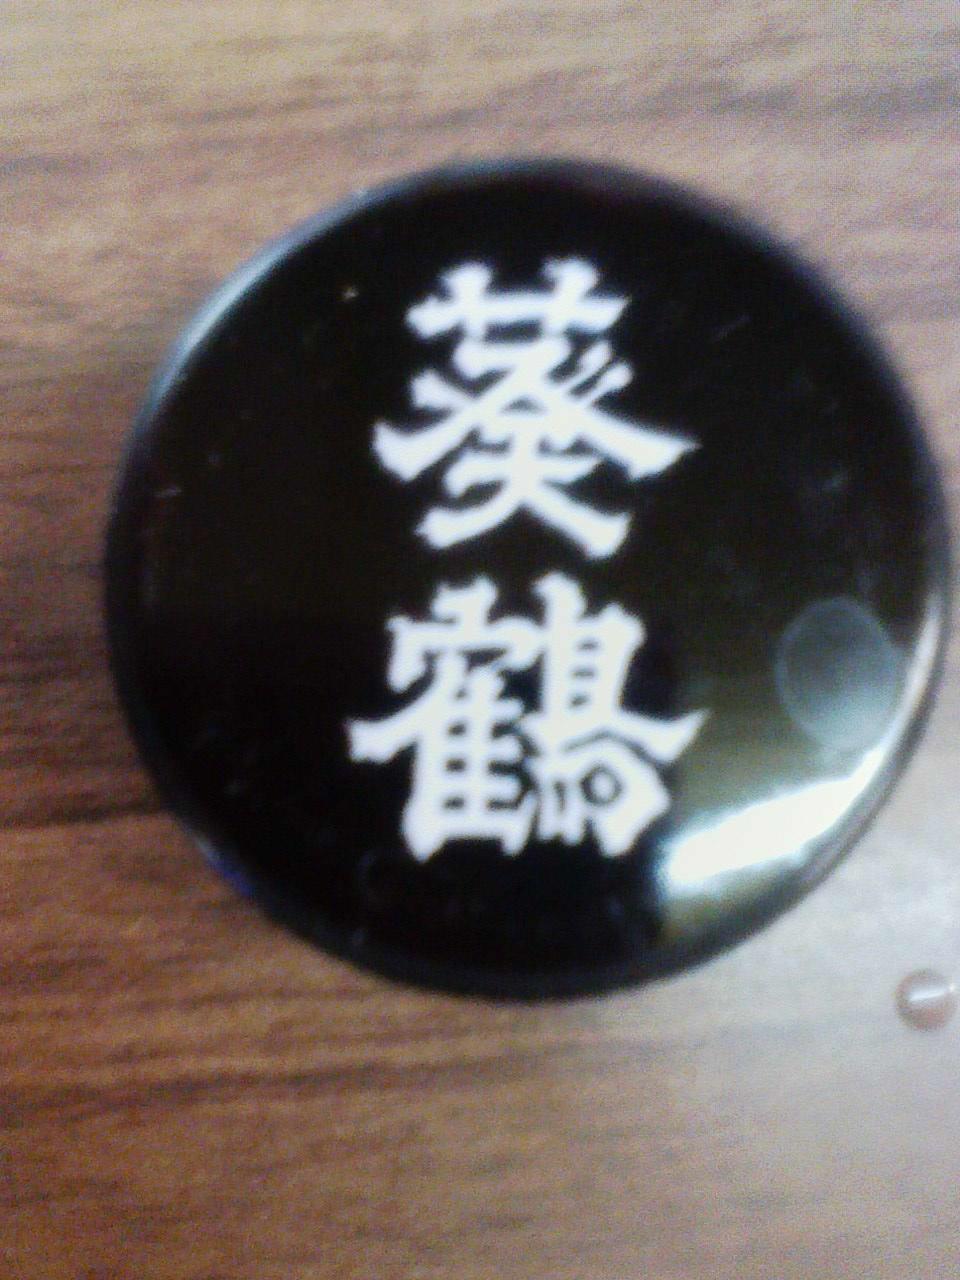 三木の酒「葵鶴」を高台の角打ちで_c0061686_3392024.jpg